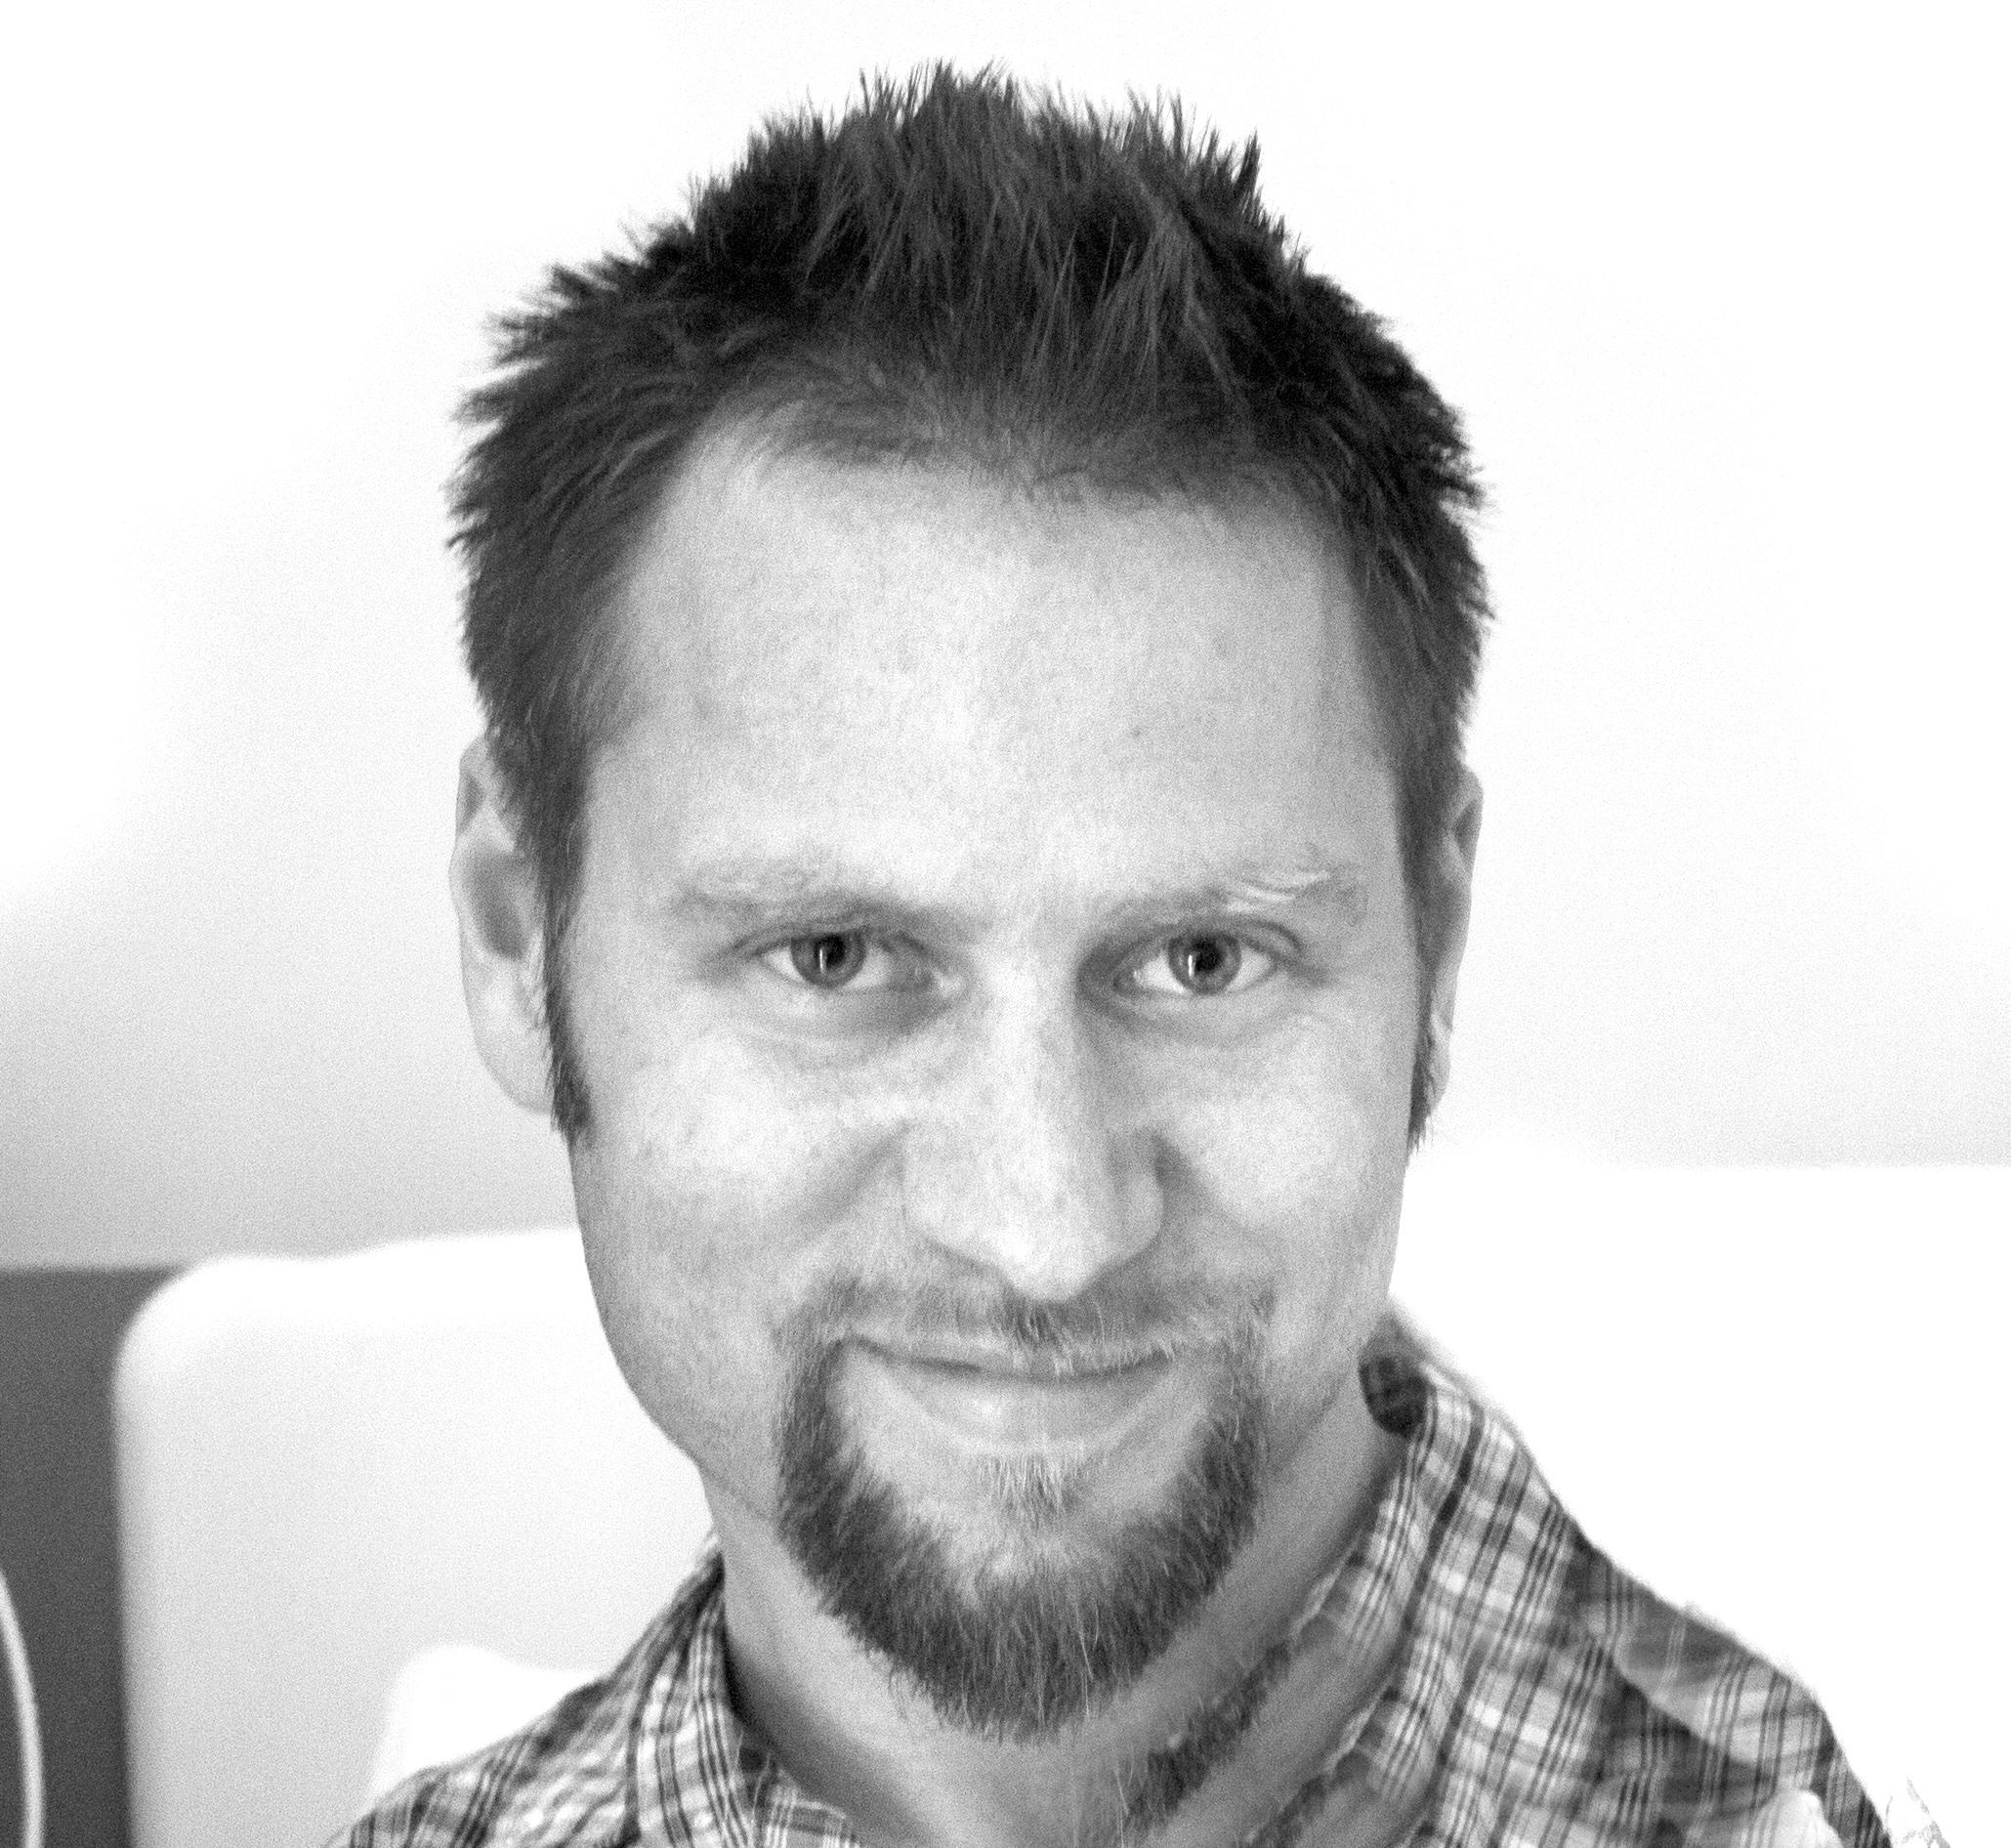 BSc. Jakub Kohout